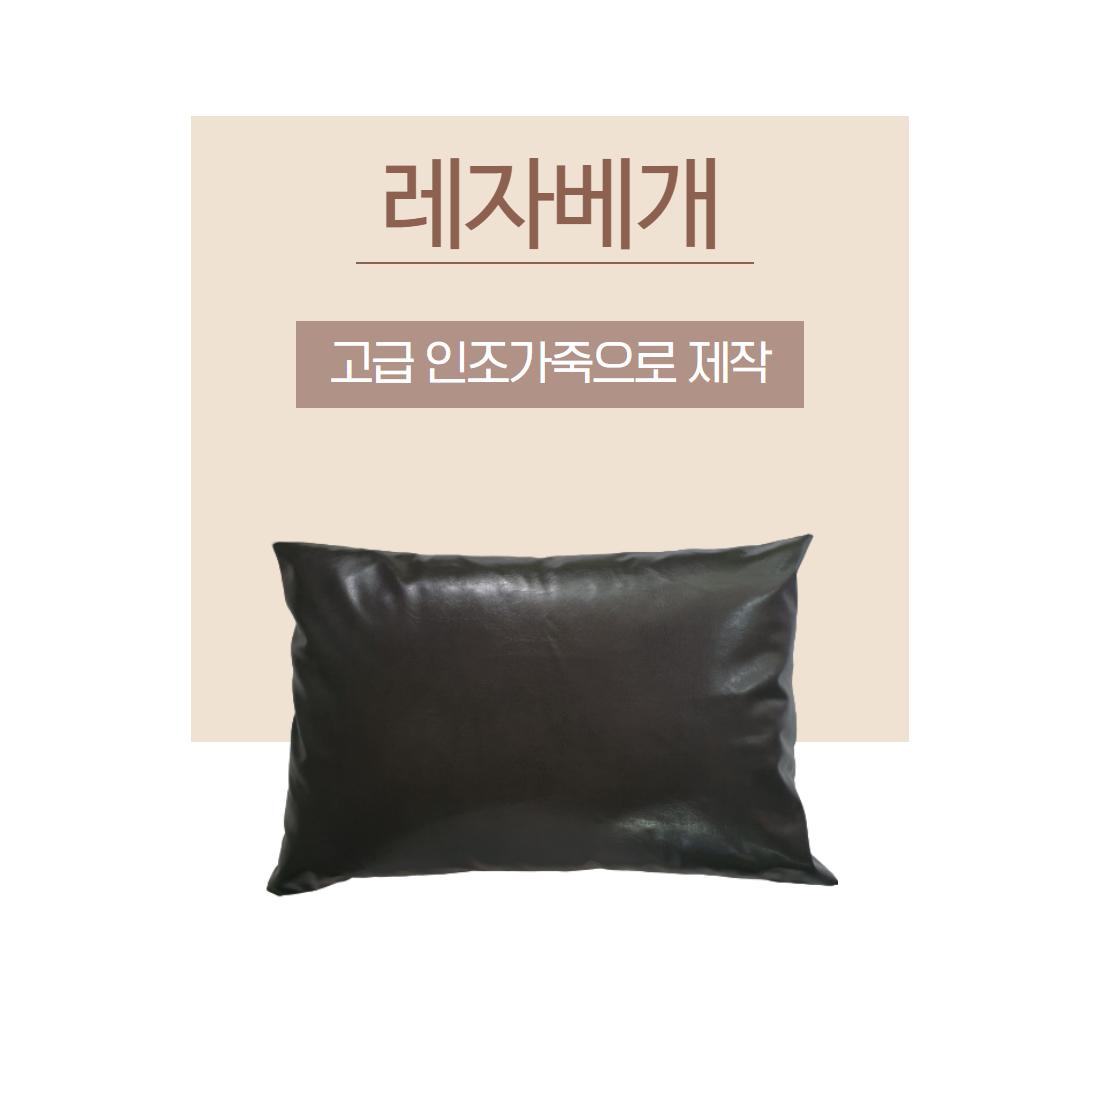 레자베개 60X40 대형베개 추천 입원실 요양원 찜질방 비품, 베개커버+솜 (POP 2091524609)